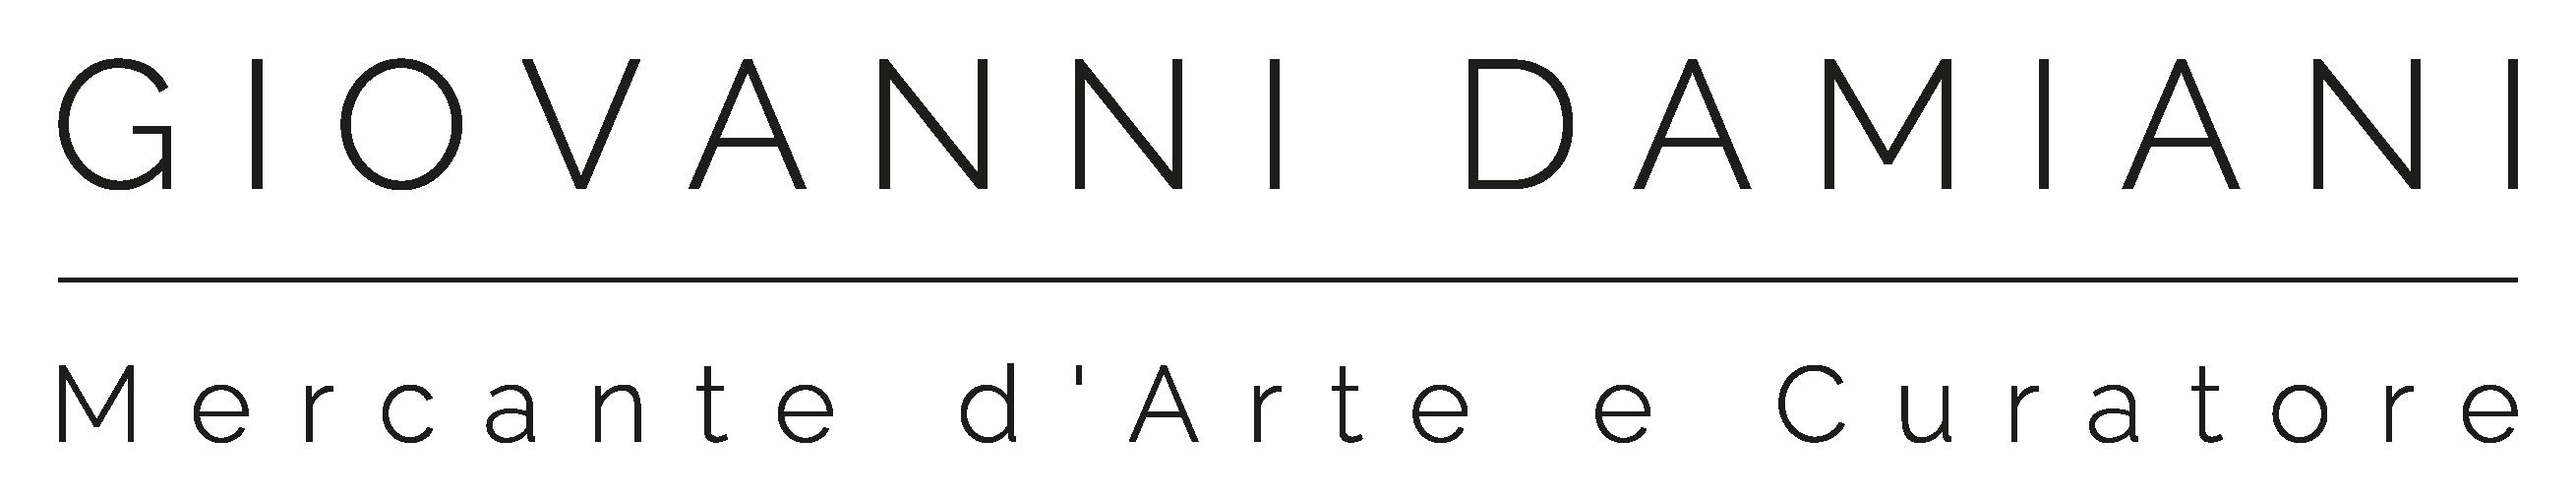 Giovanni Damiani – Mercante d'Arte e Curatore